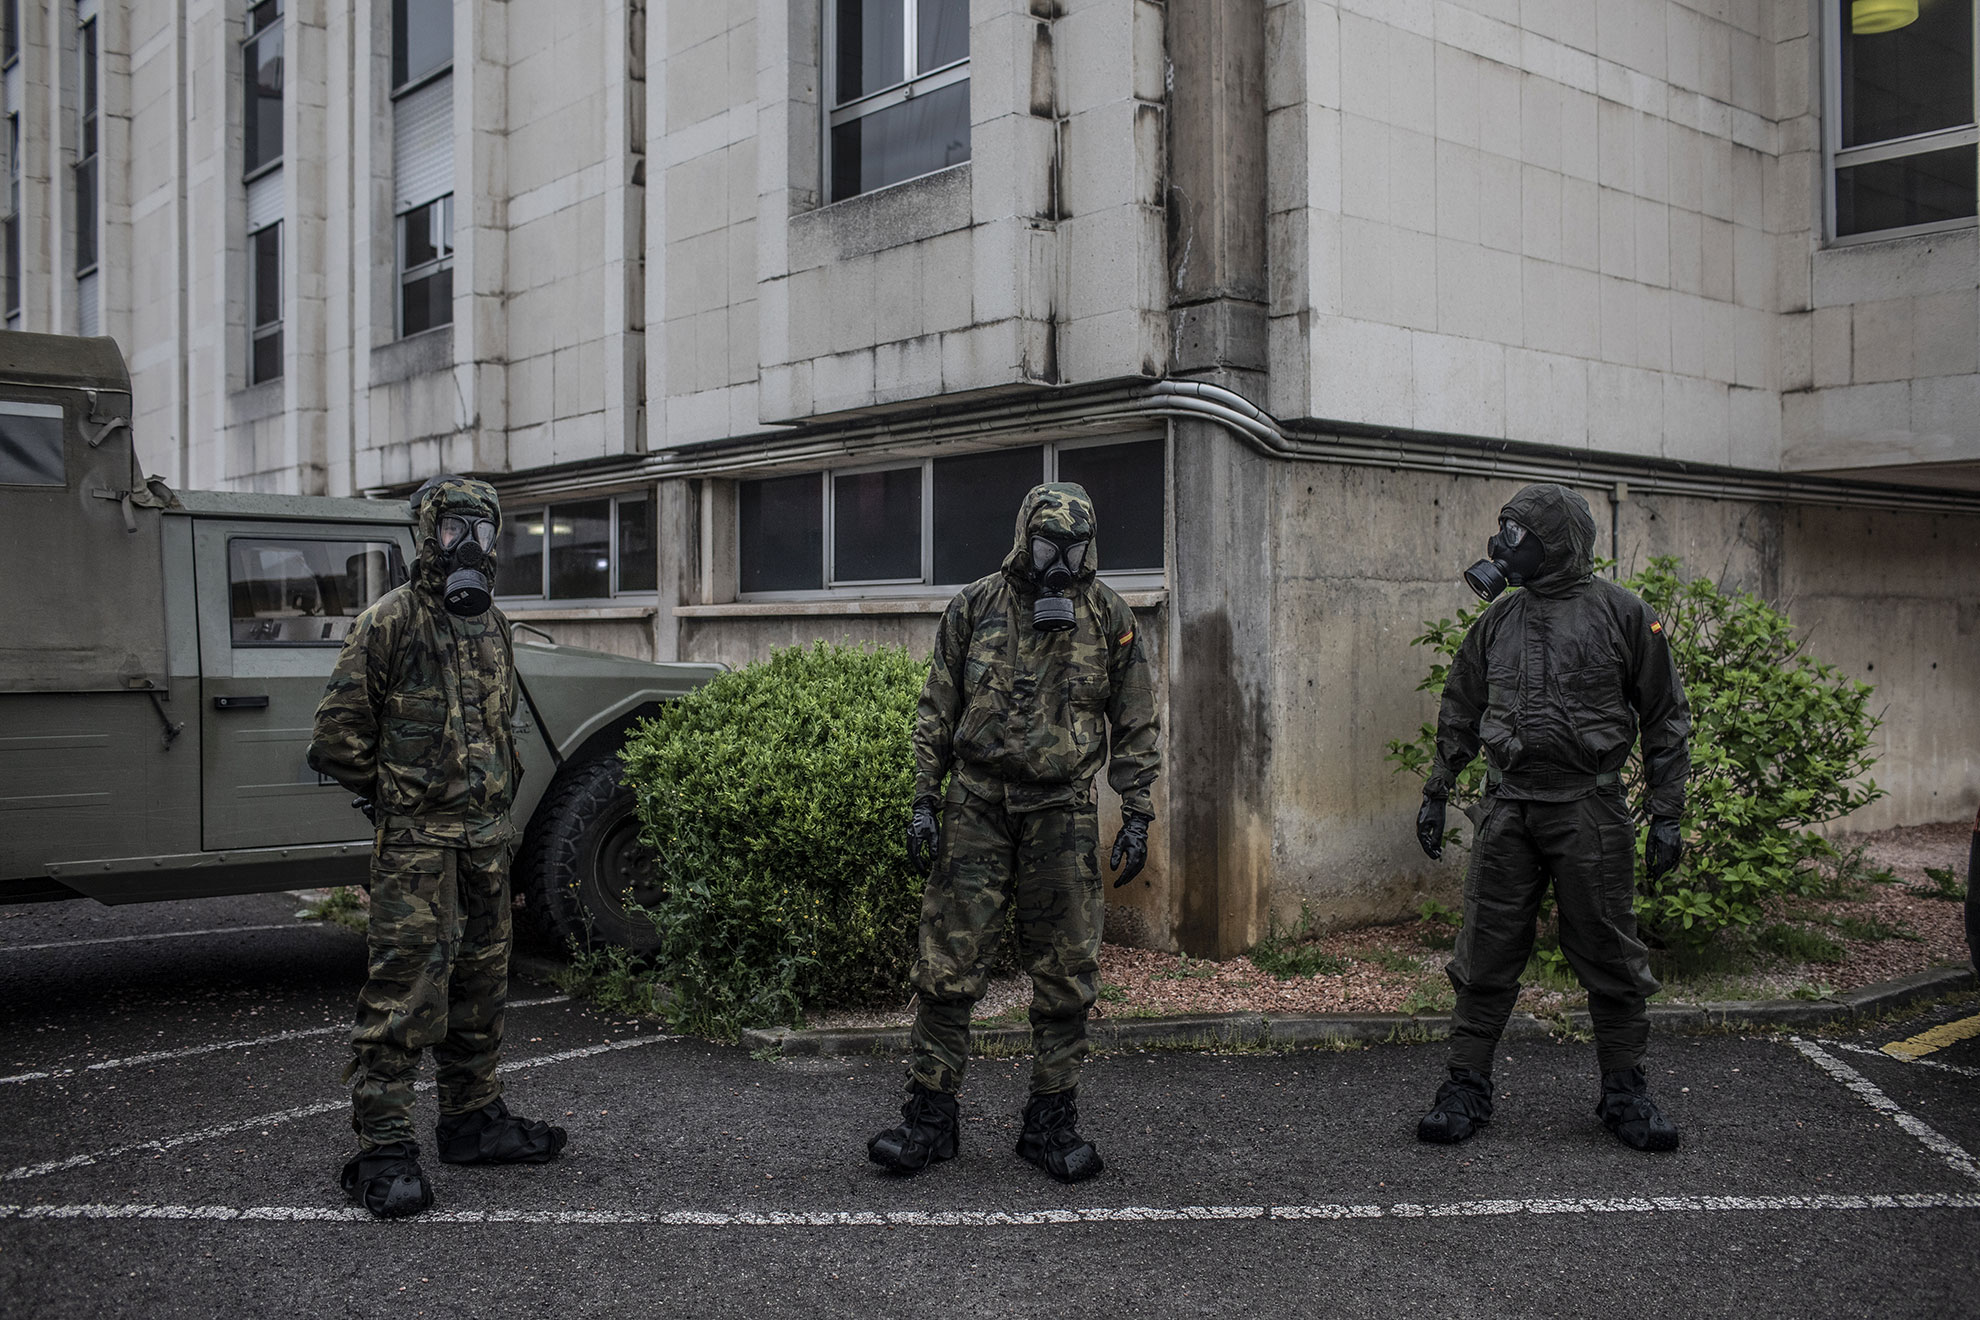 Soldados del Ejército Español esperan a secar sus trajes NBQ tras desinfectar una residencia de ancianos en Gijon, Asturias, 19, 2020.